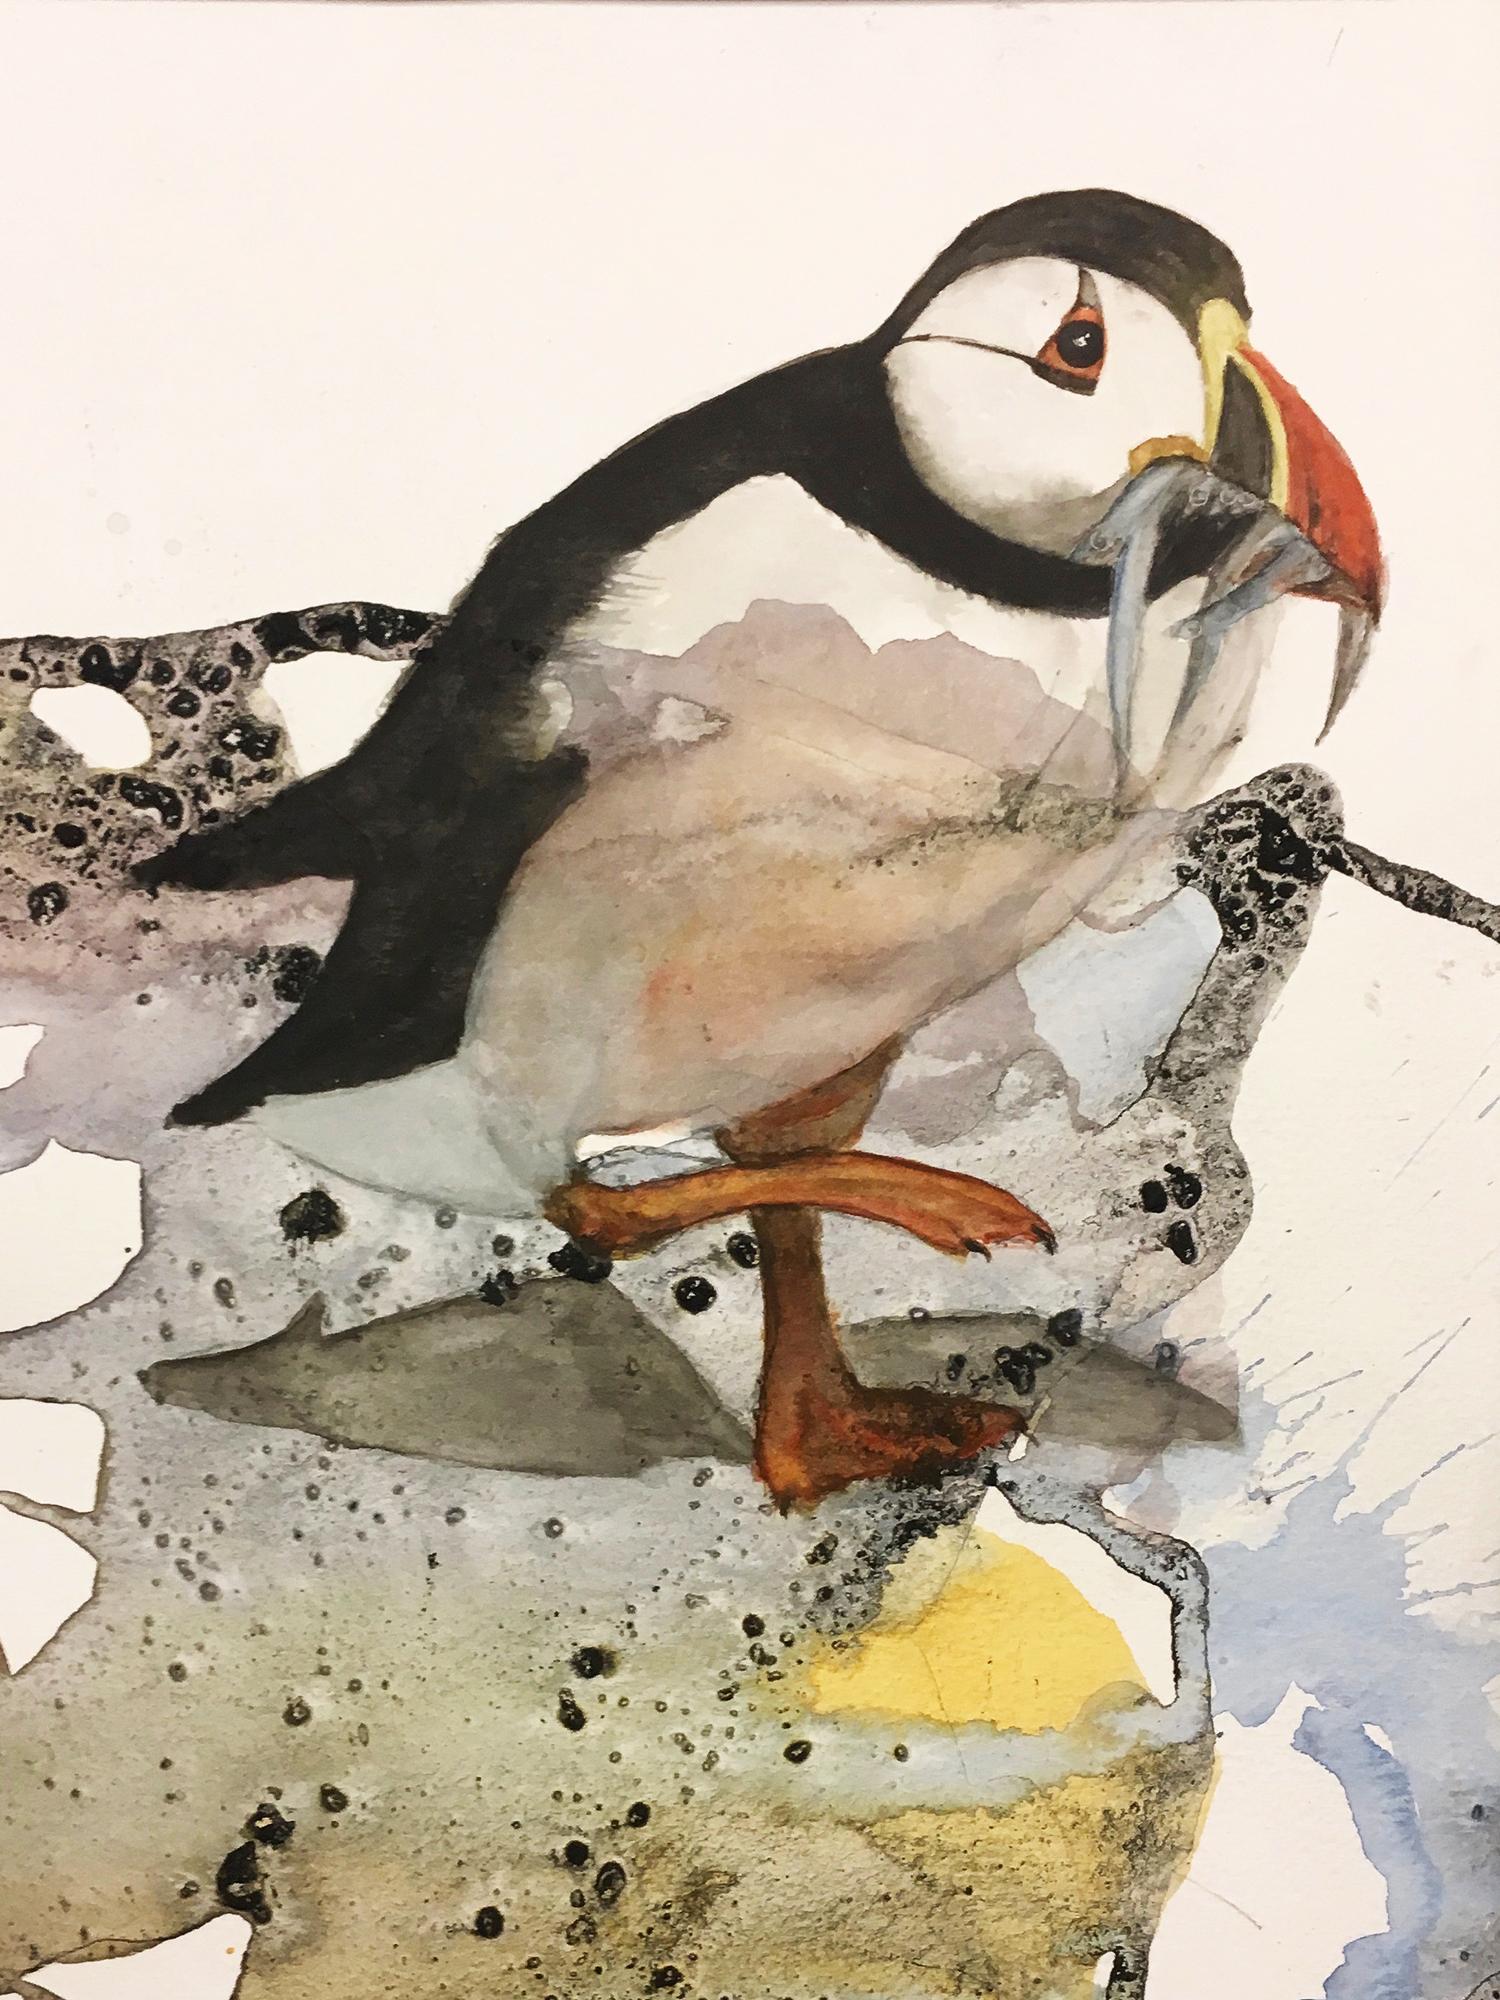 Akvarel på baggrund af kul og lim, 30x40 cm indrammet